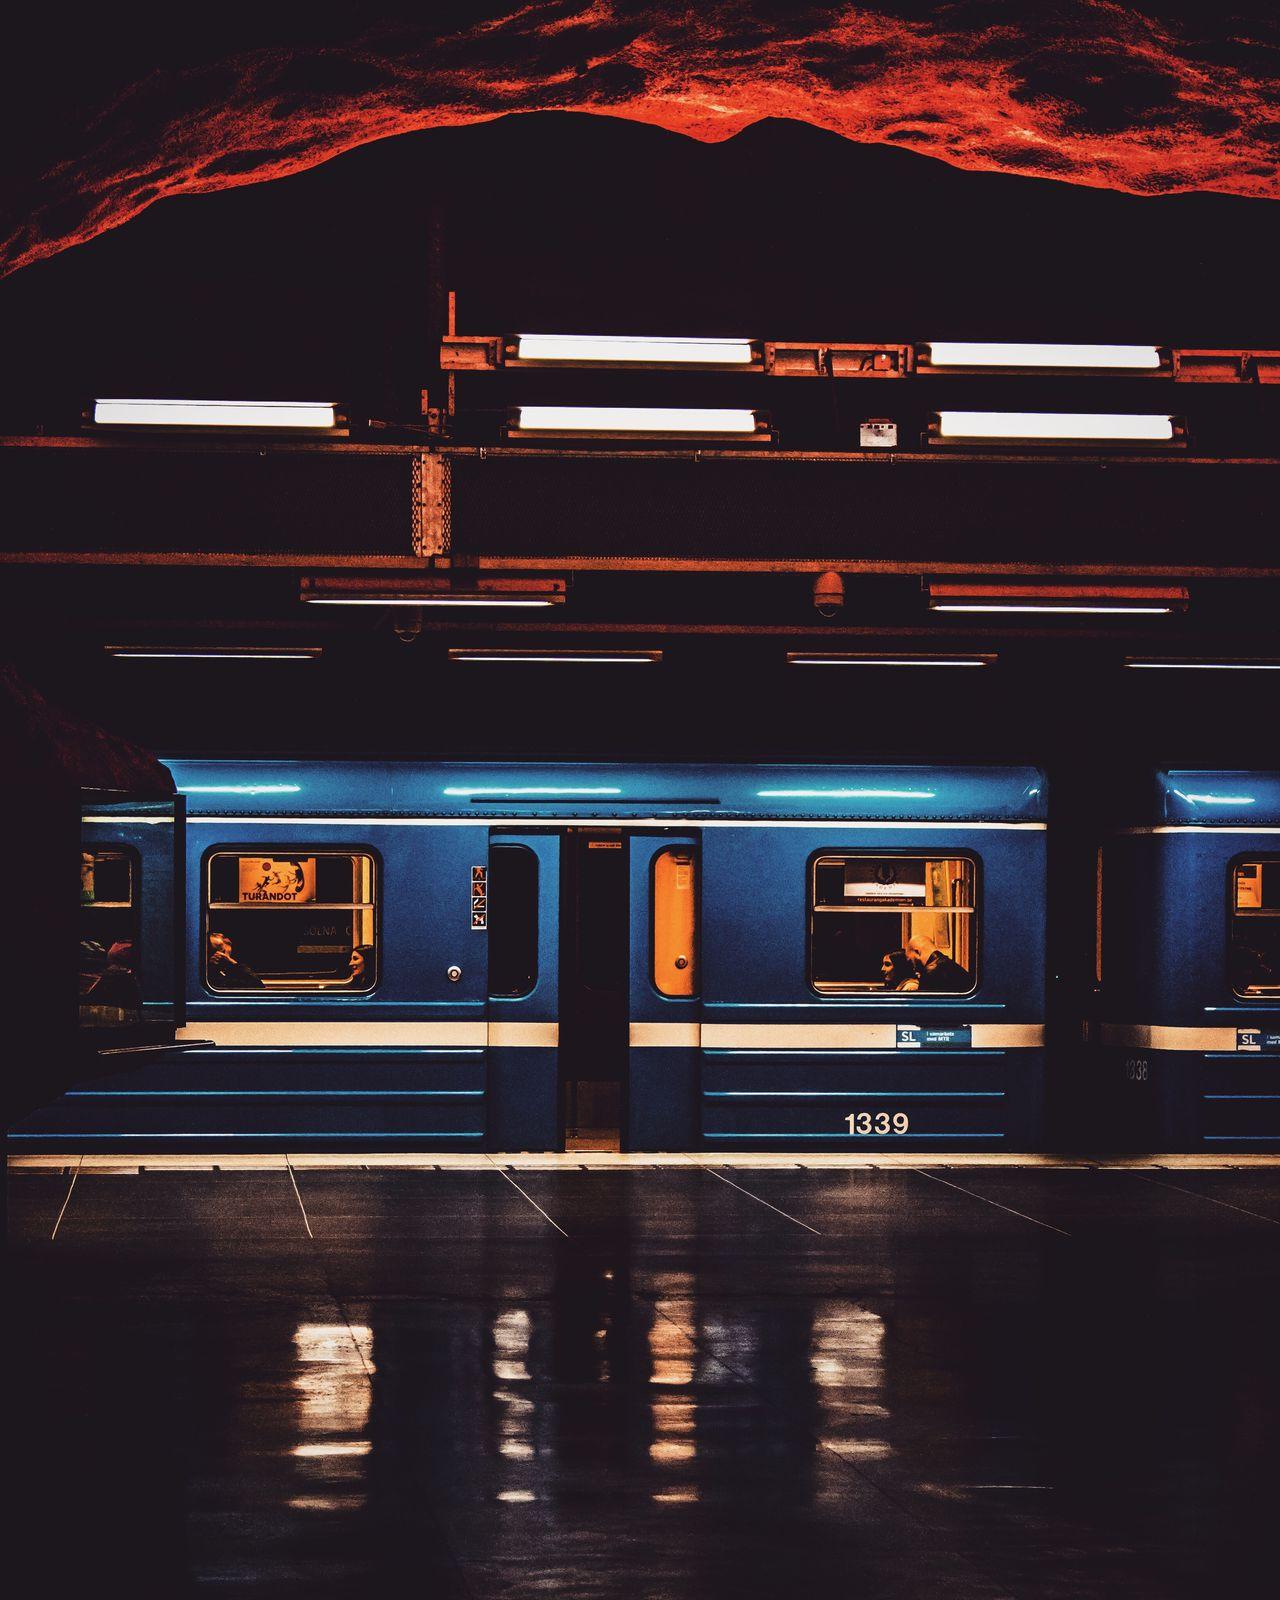 The Architect - 2017 EyeEm Awards Transportation Public Transportation Illuminated Train - Vehicle No People Rail Transportation Night Indoors